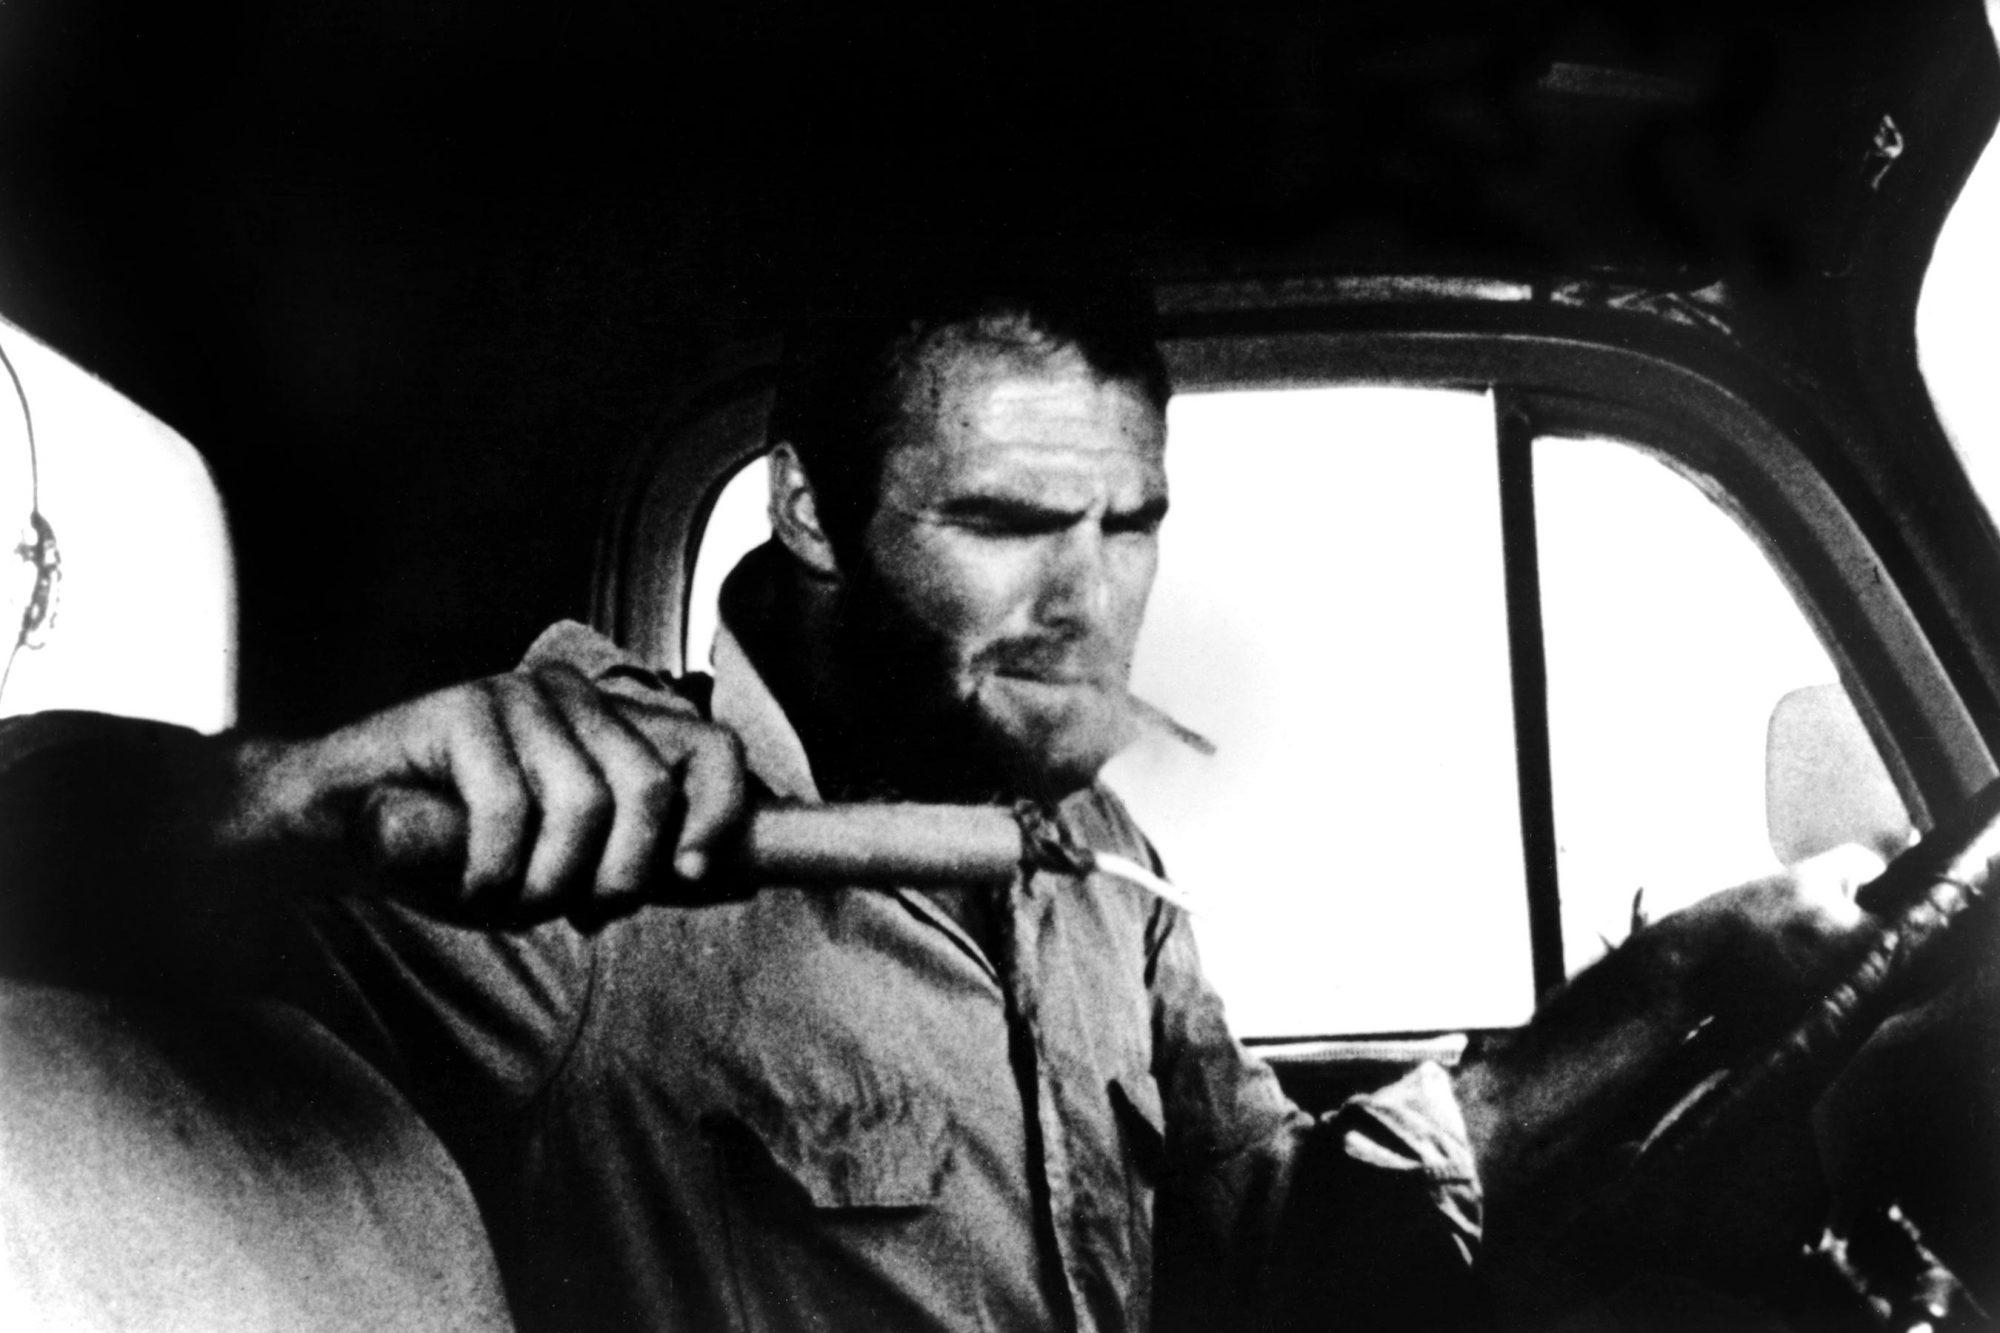 SHARK!, Burt Reynolds, 1969